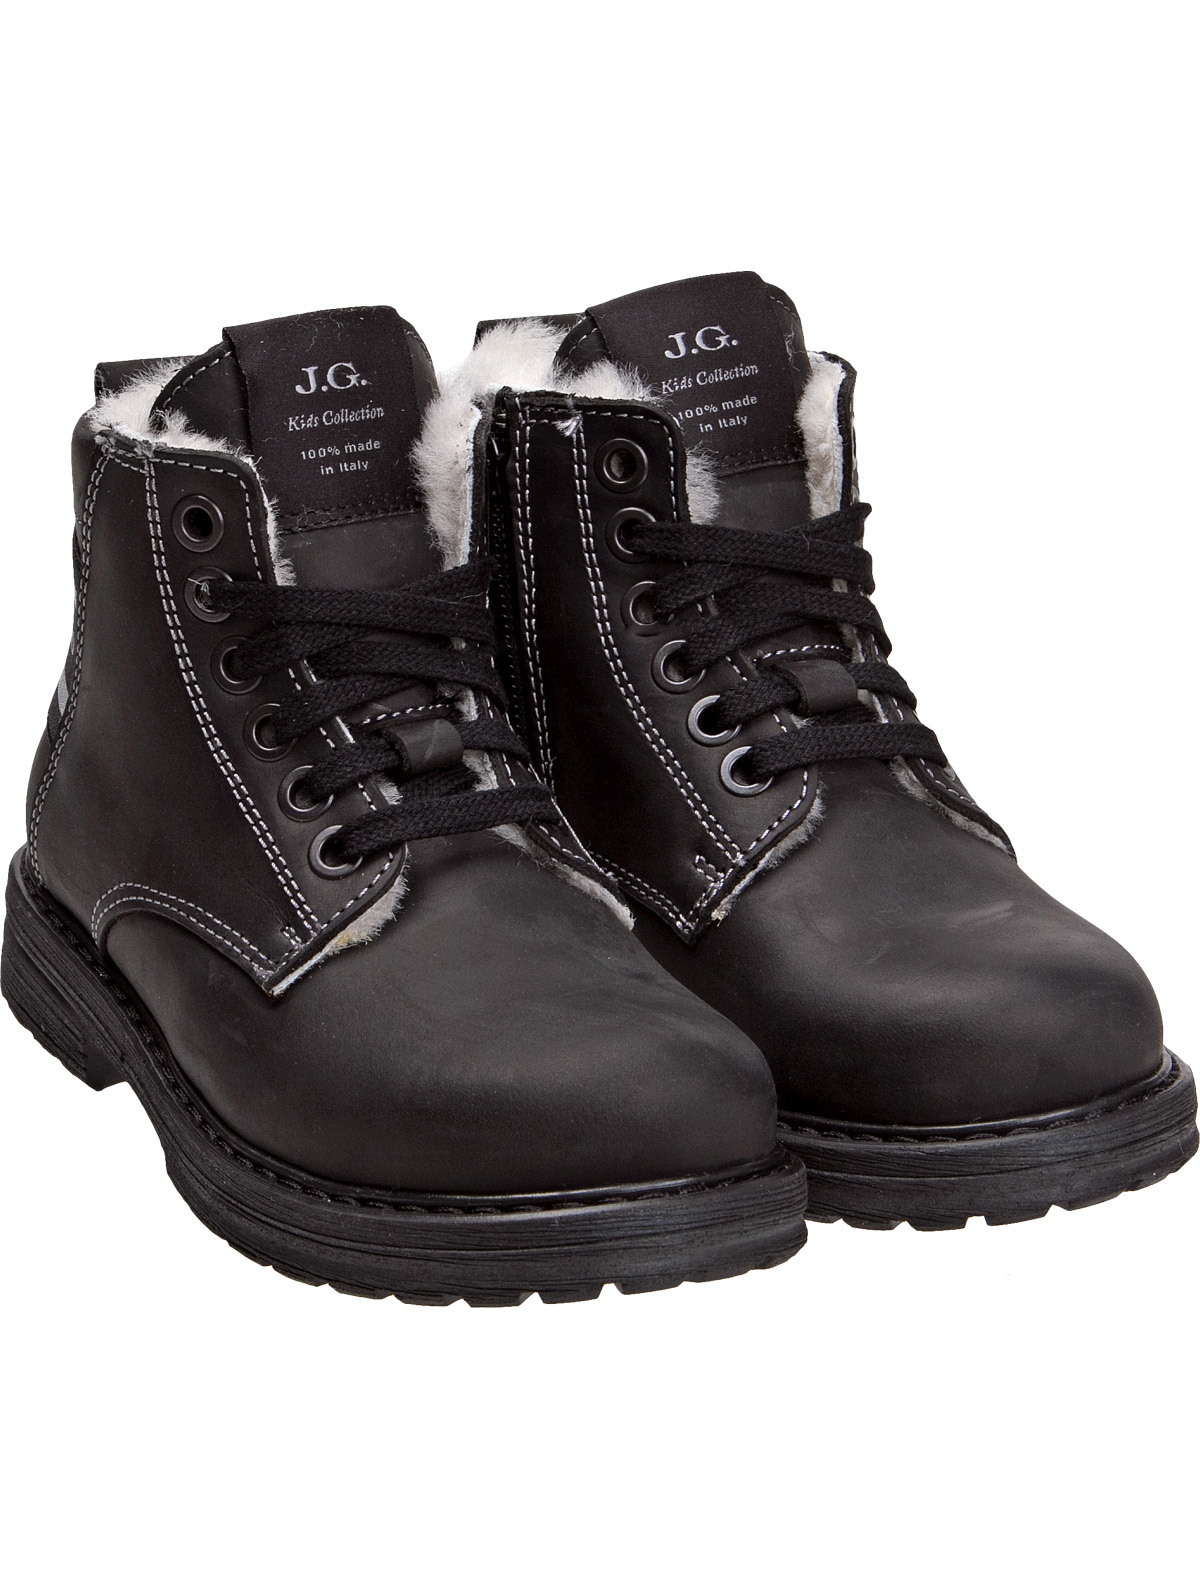 Купить 1916636, Ботинки John Galliano, черный, Мужской, 2031119780062